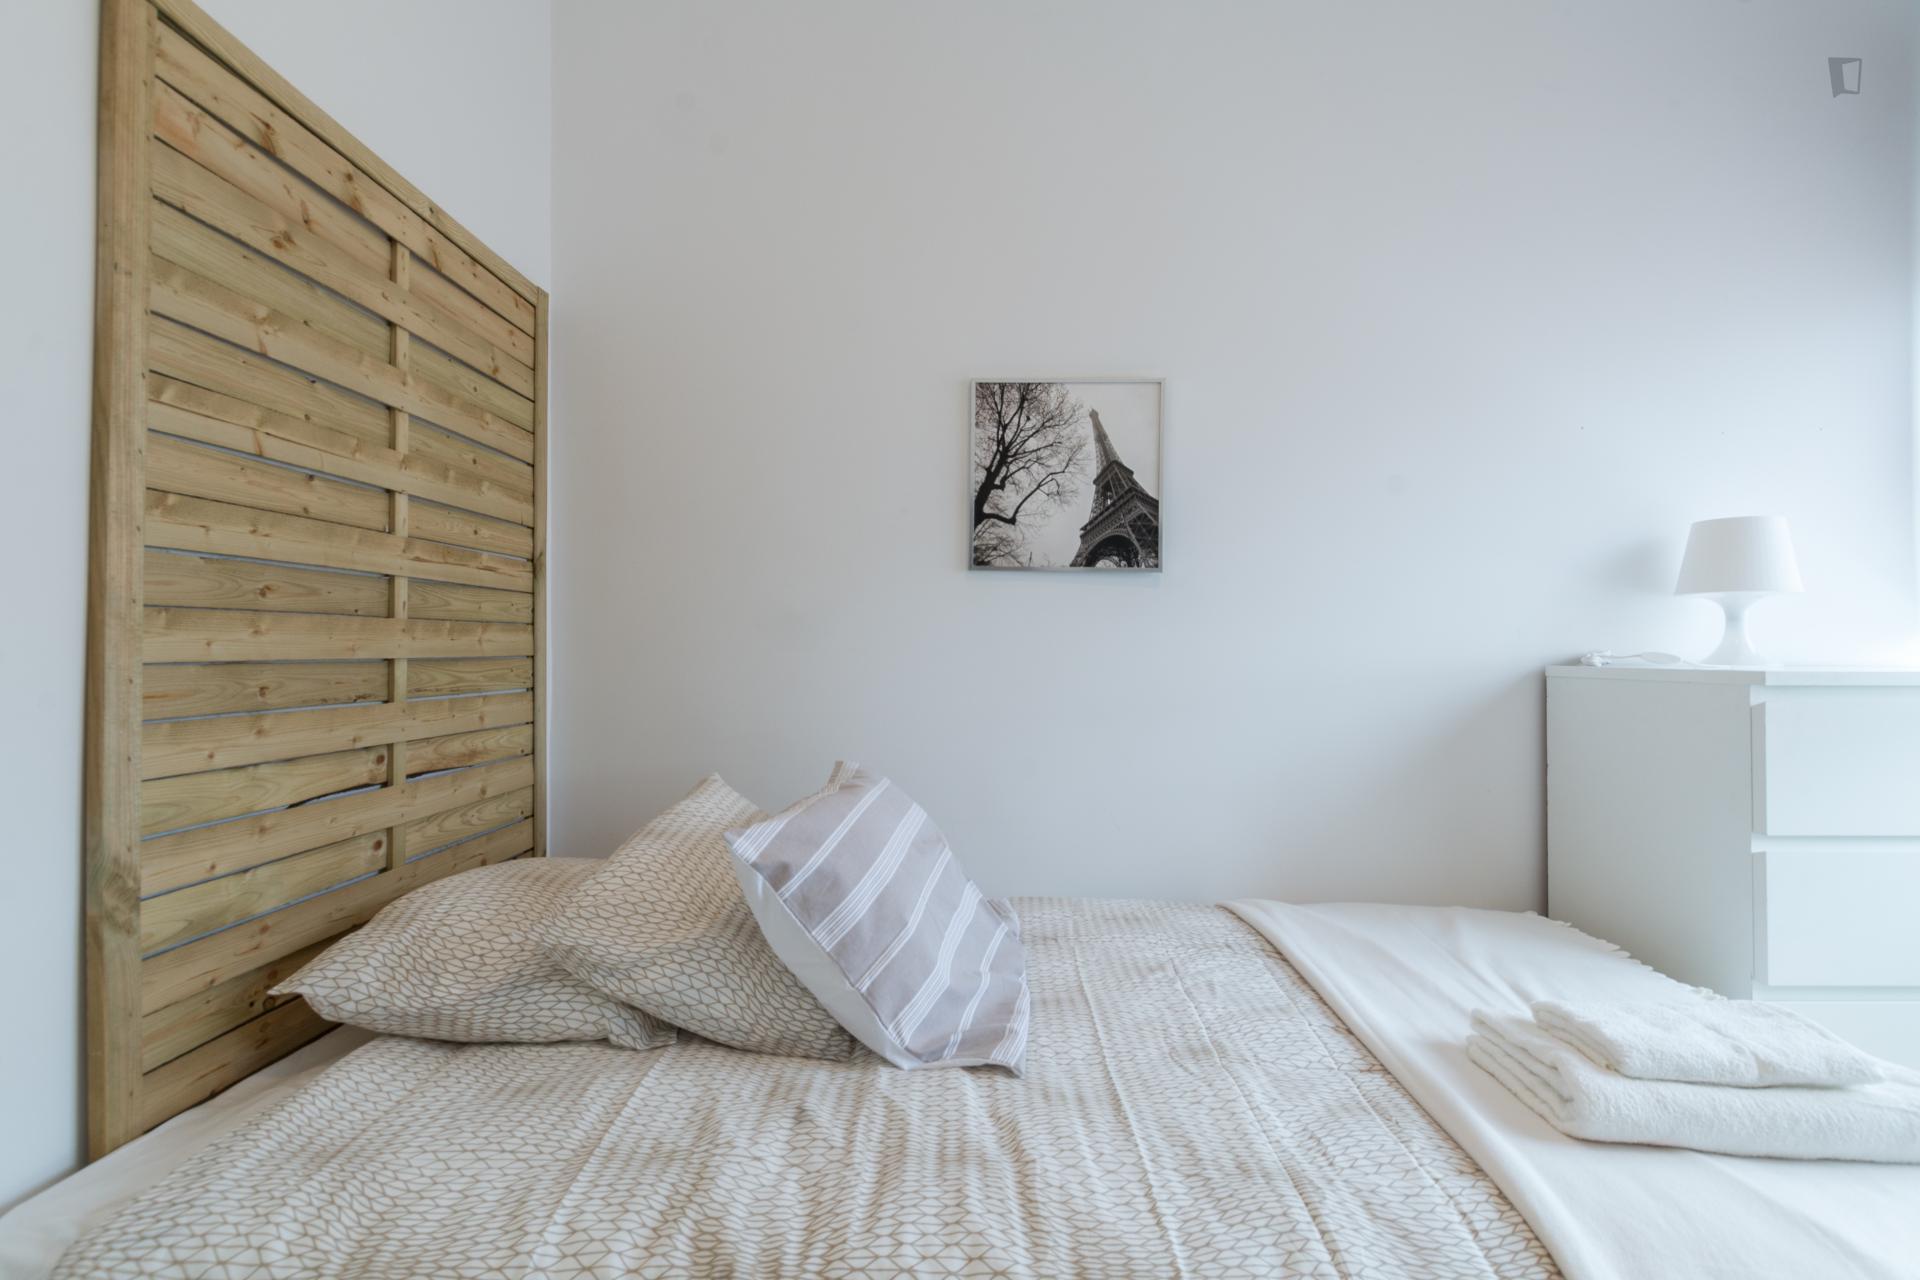 Alquiler Habitacin Madrid Habitaciones Para Estudiantes